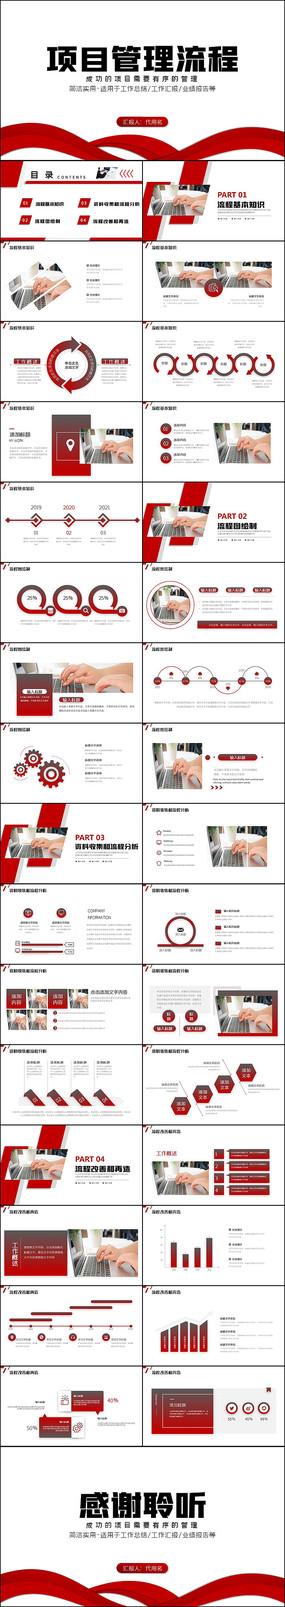 项目管理培训流程管理PPT模板